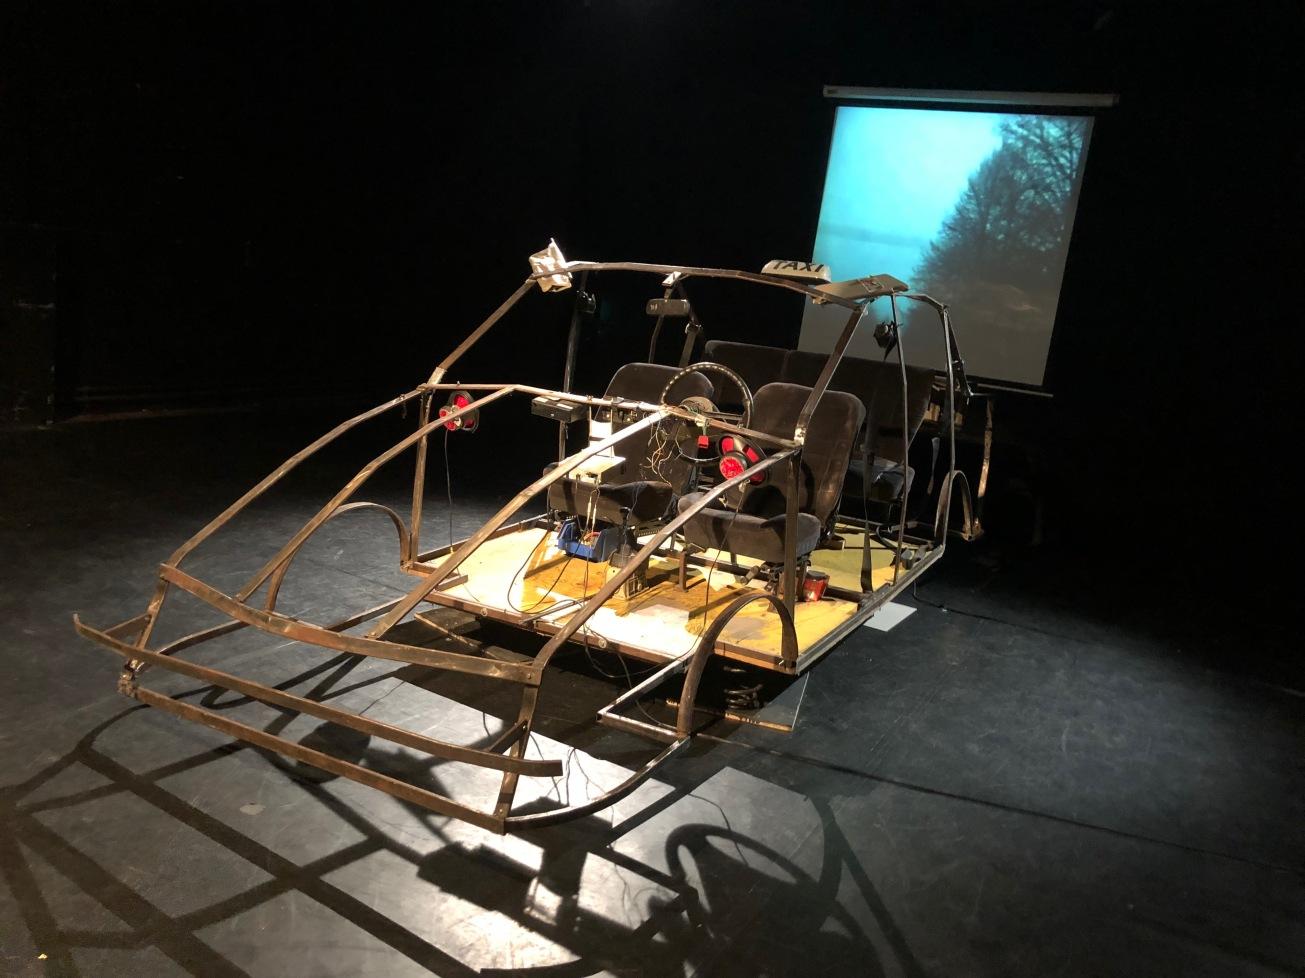 Podobał mi się pomysł na scenografię - szkielet samochodu, którego tłem była projekcja jazdy ulicami rozświetlonej Warszawy.